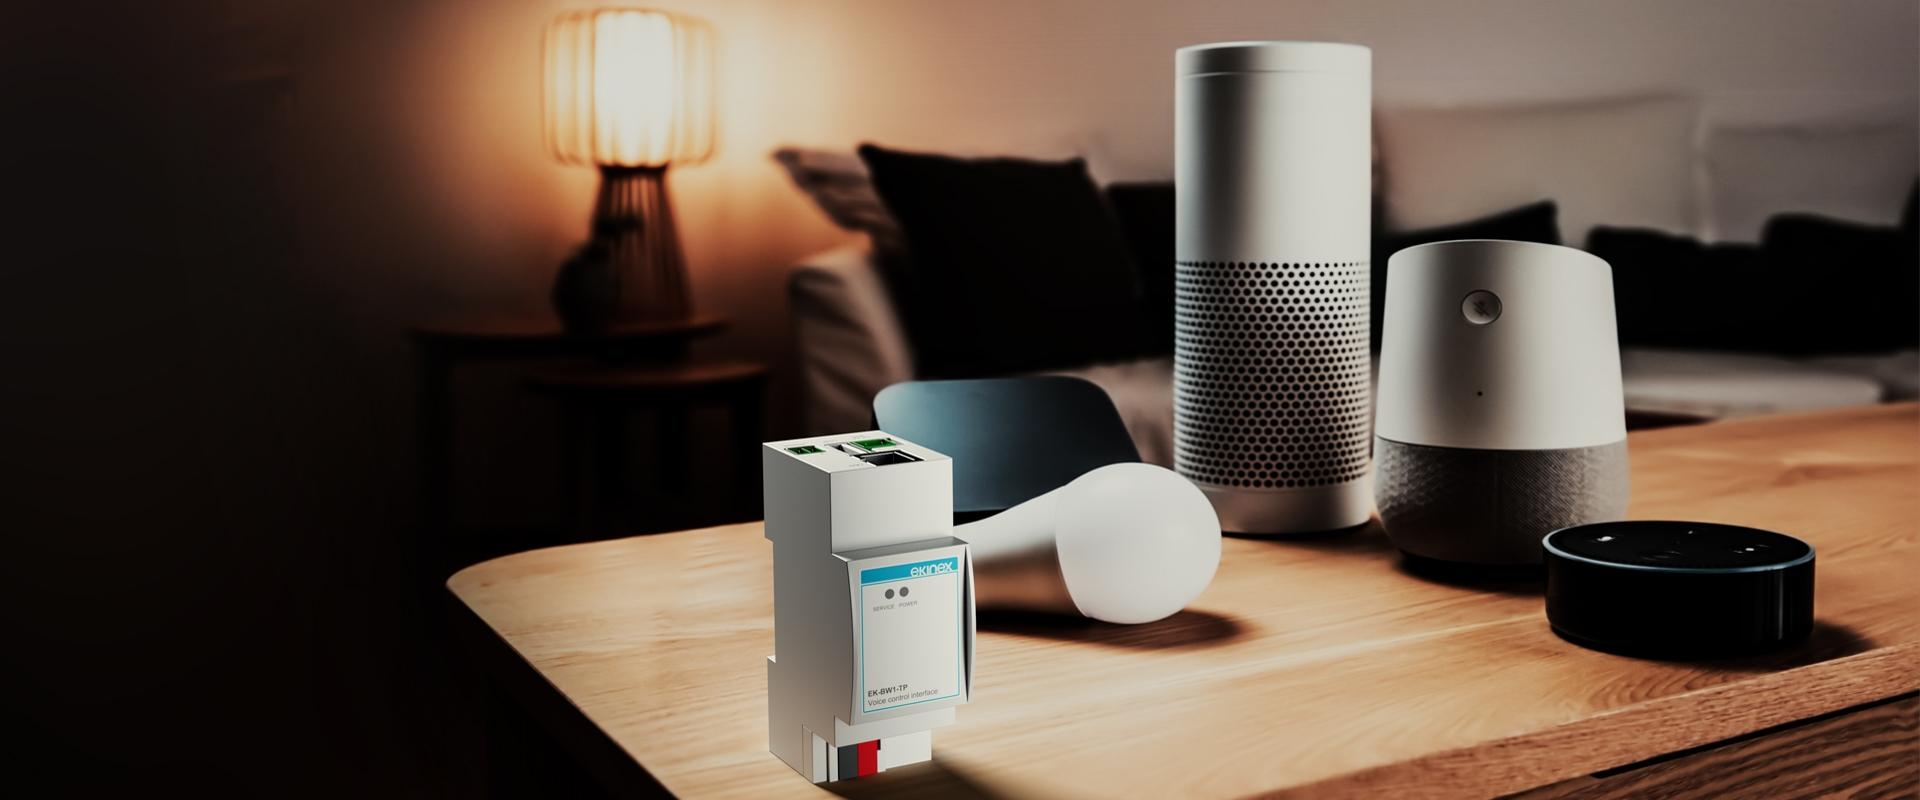 Nuova interfaccia EK-BW1-TP per collegare gli home speaker ad un impianto KNX